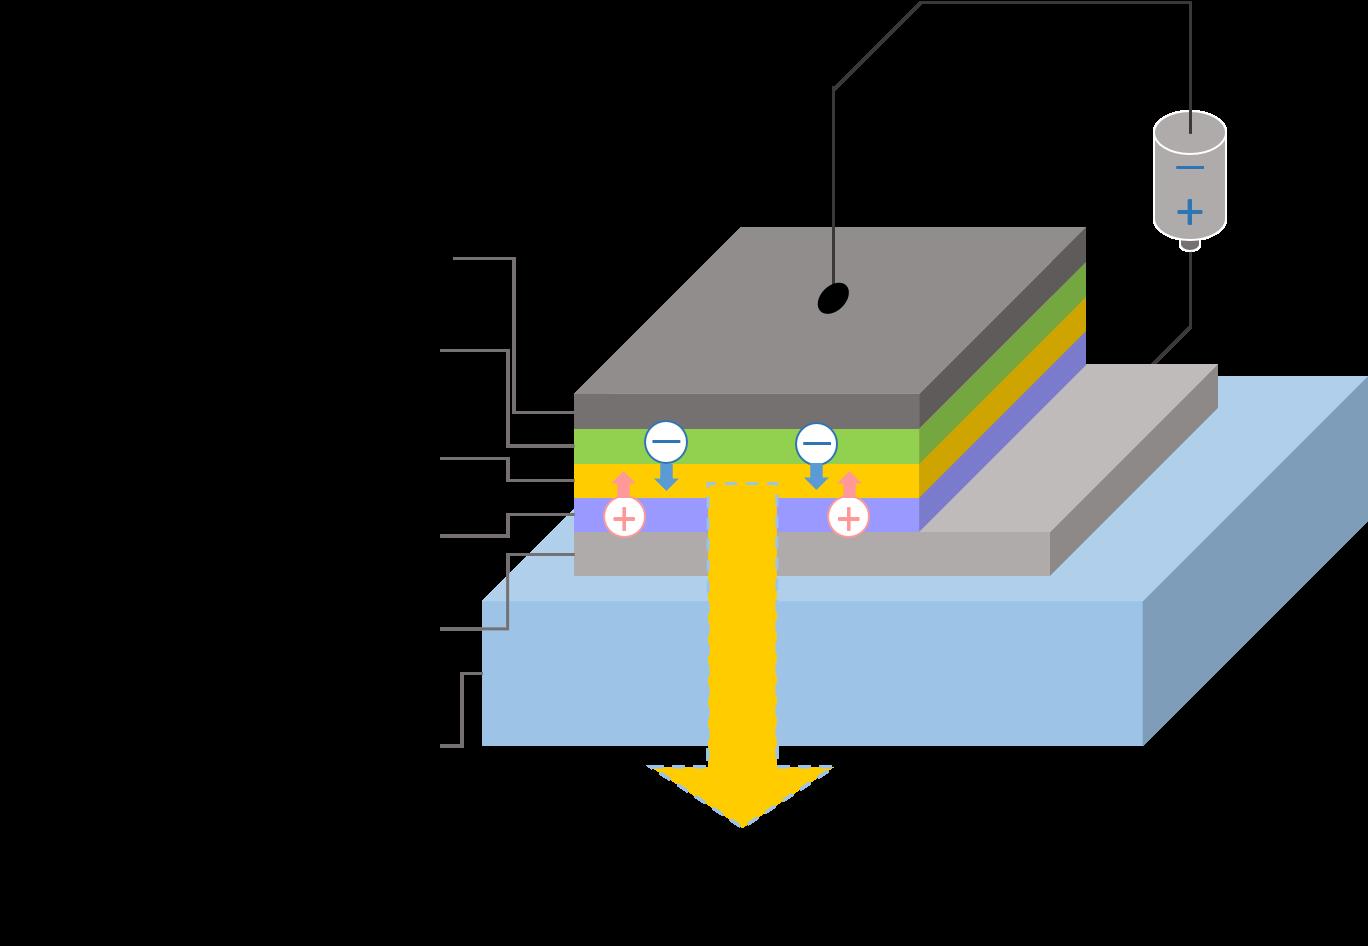 レーザーの情報プラットフォームサイト有機ELの原理と応用例